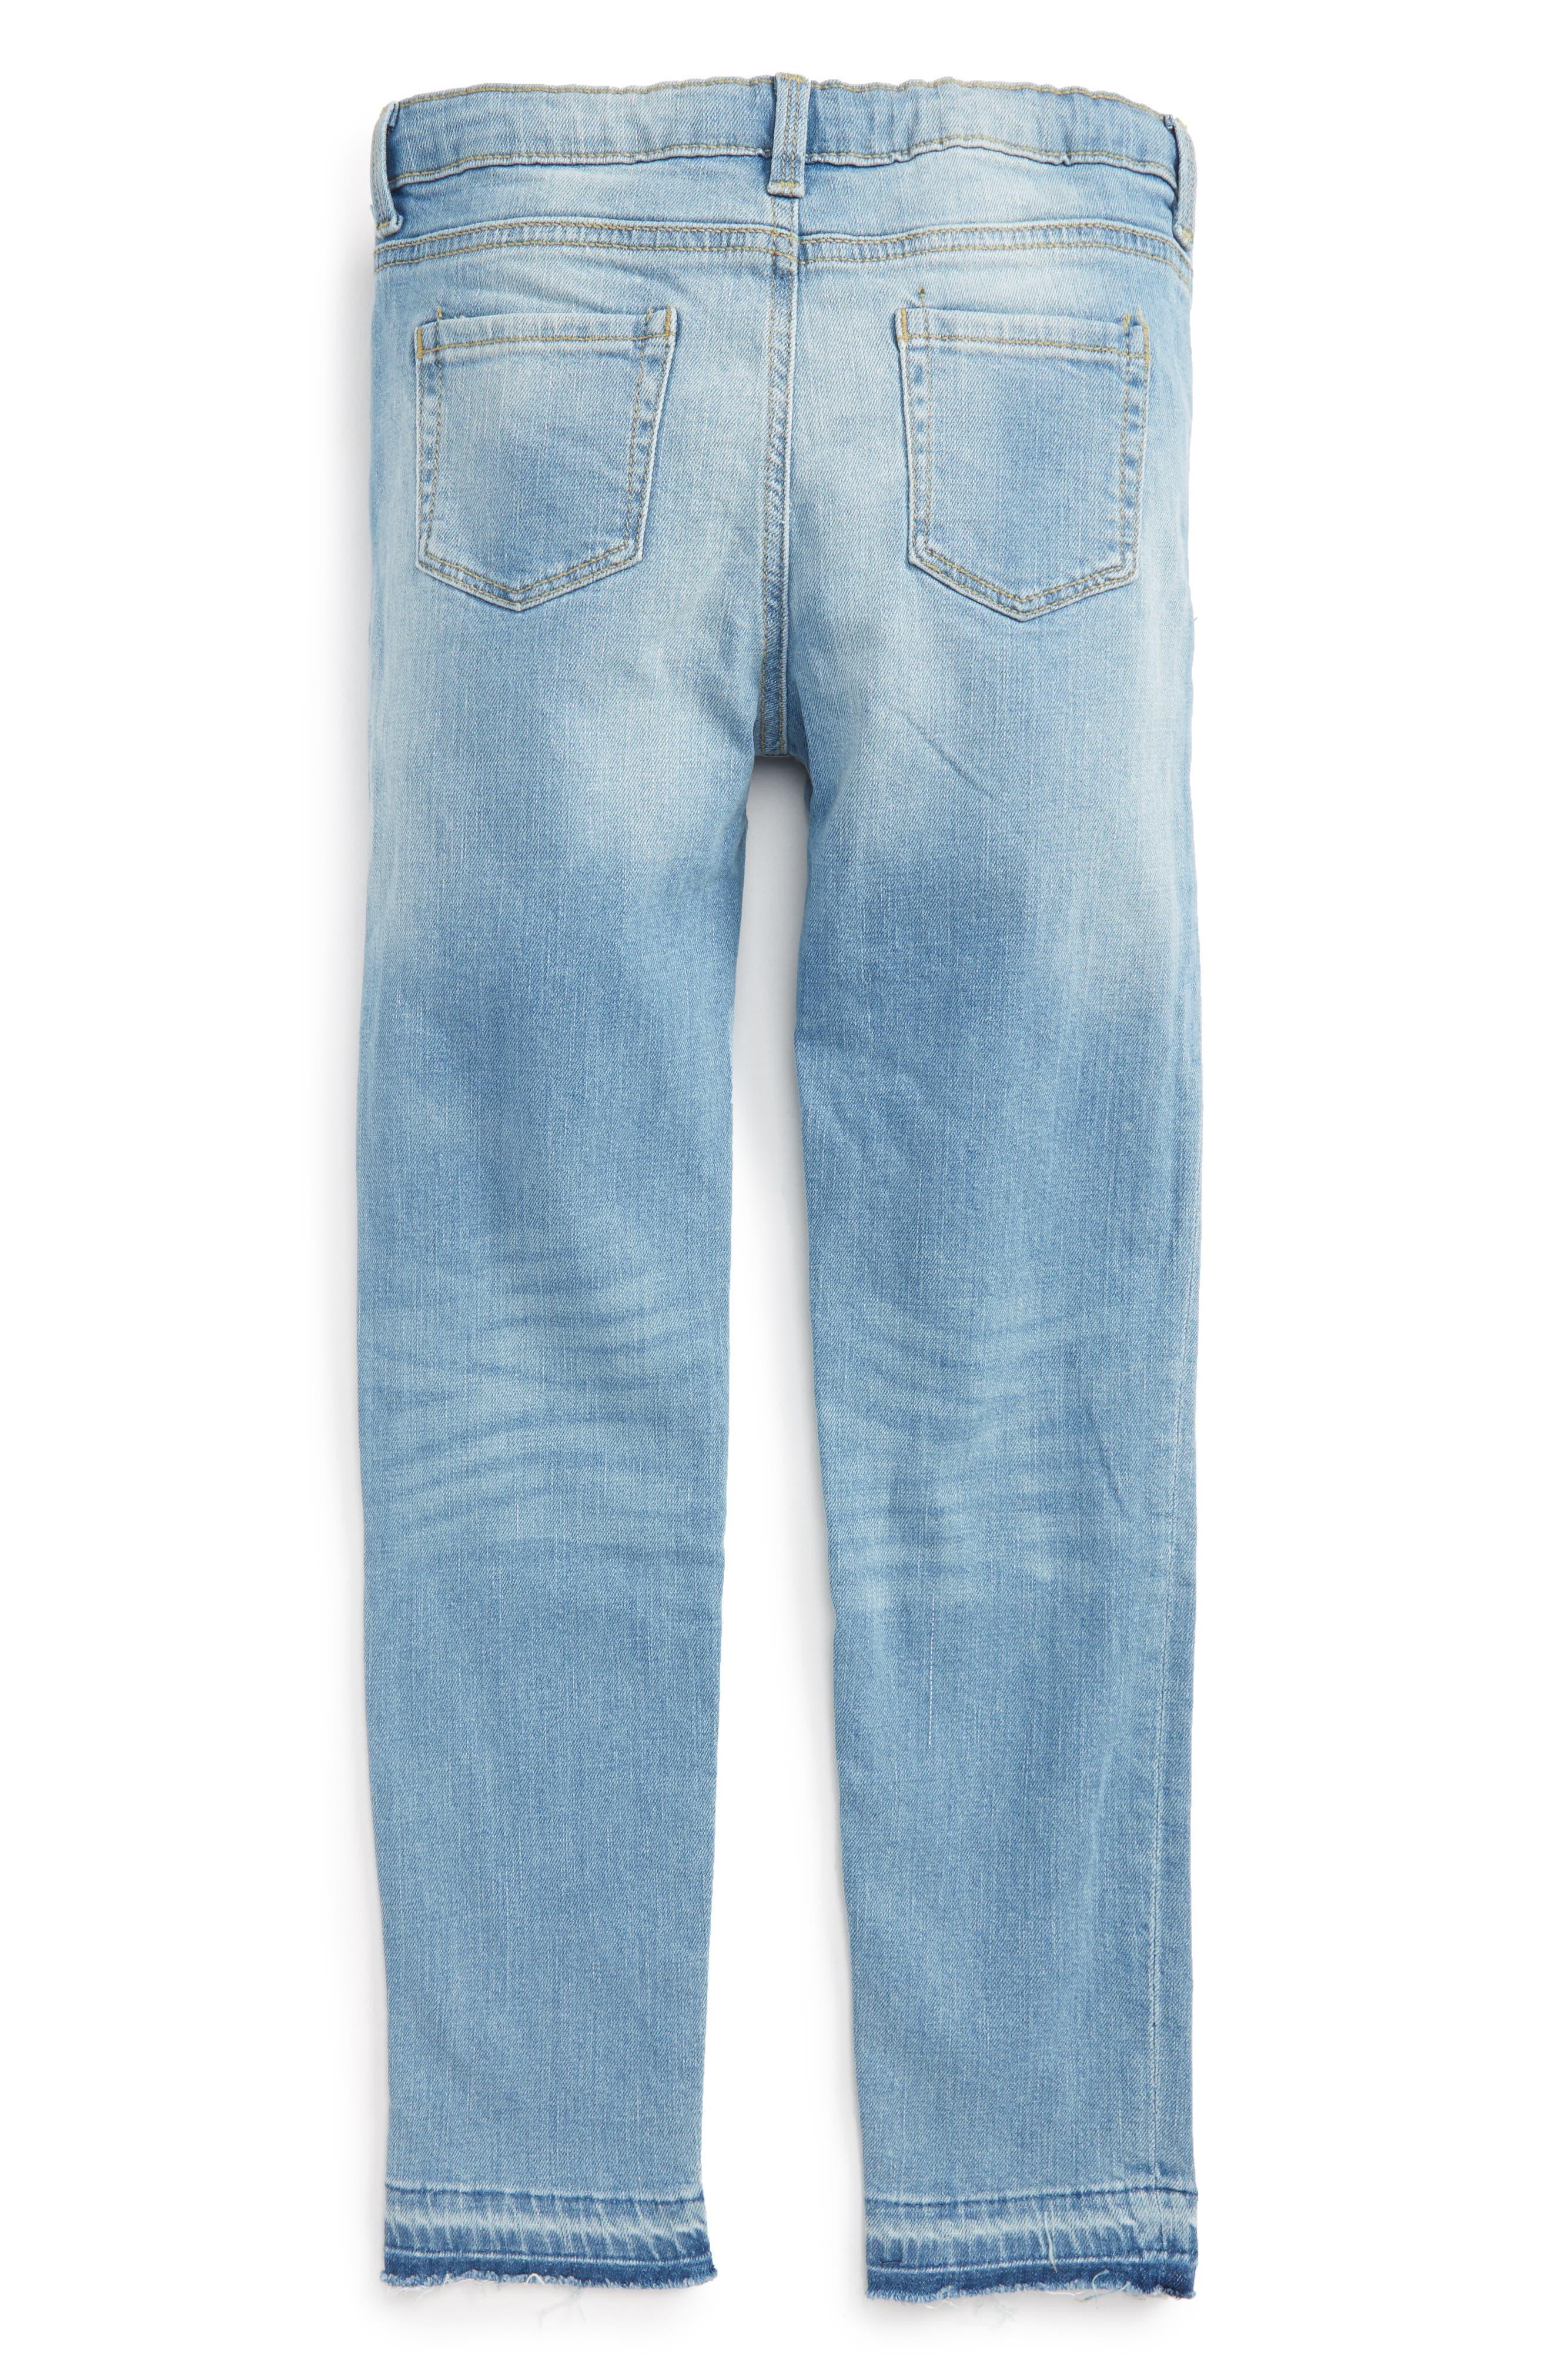 Alternate Image 2  - Peek Celeste Skinny Jeans (Toddler Girls, Little Girls & Big Girls)